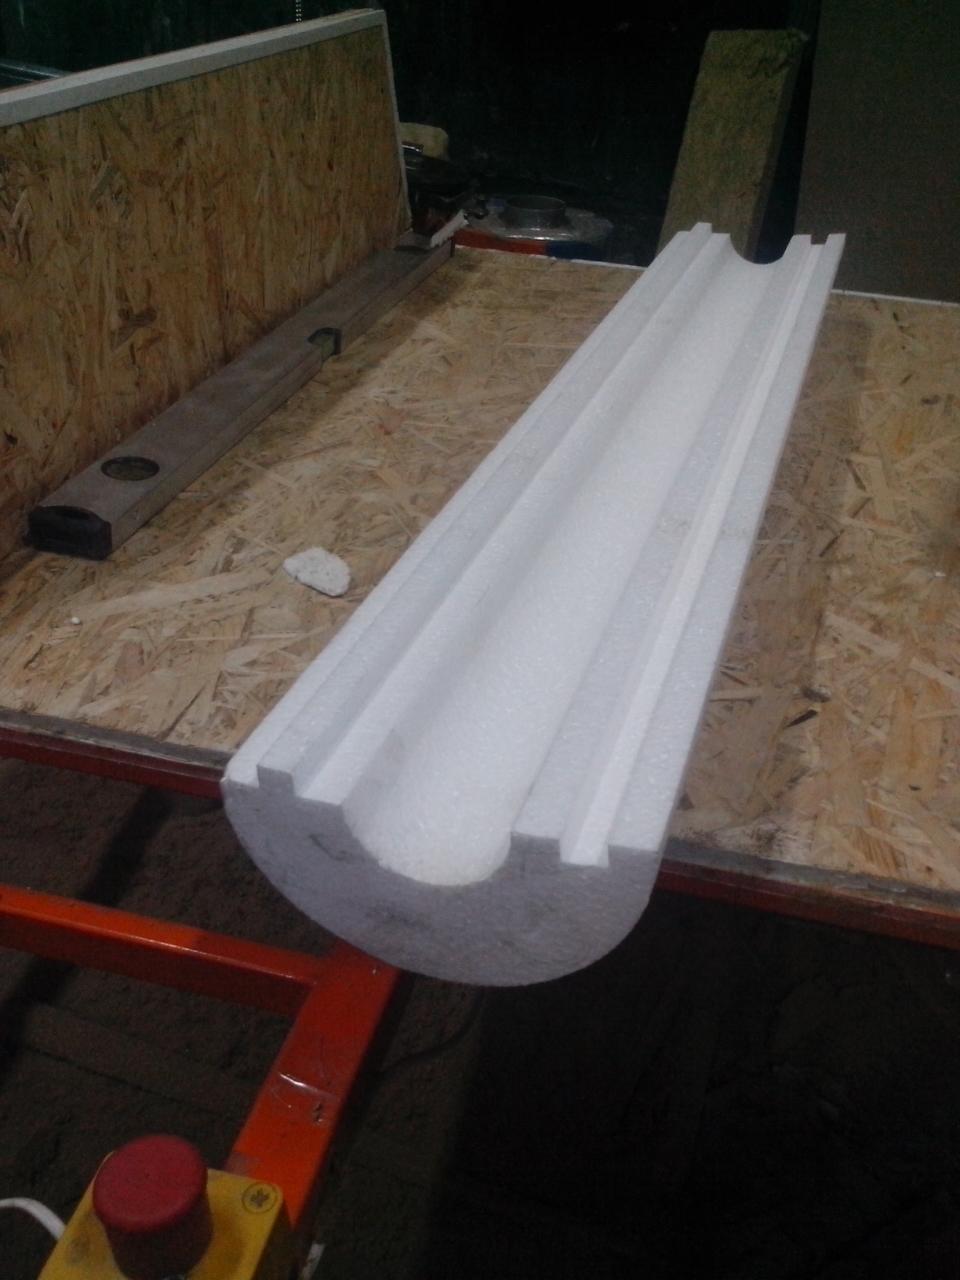 Утеплитель из пенопласта (пенополистирола) для труб Ø 110 мм толщиной 90 мм